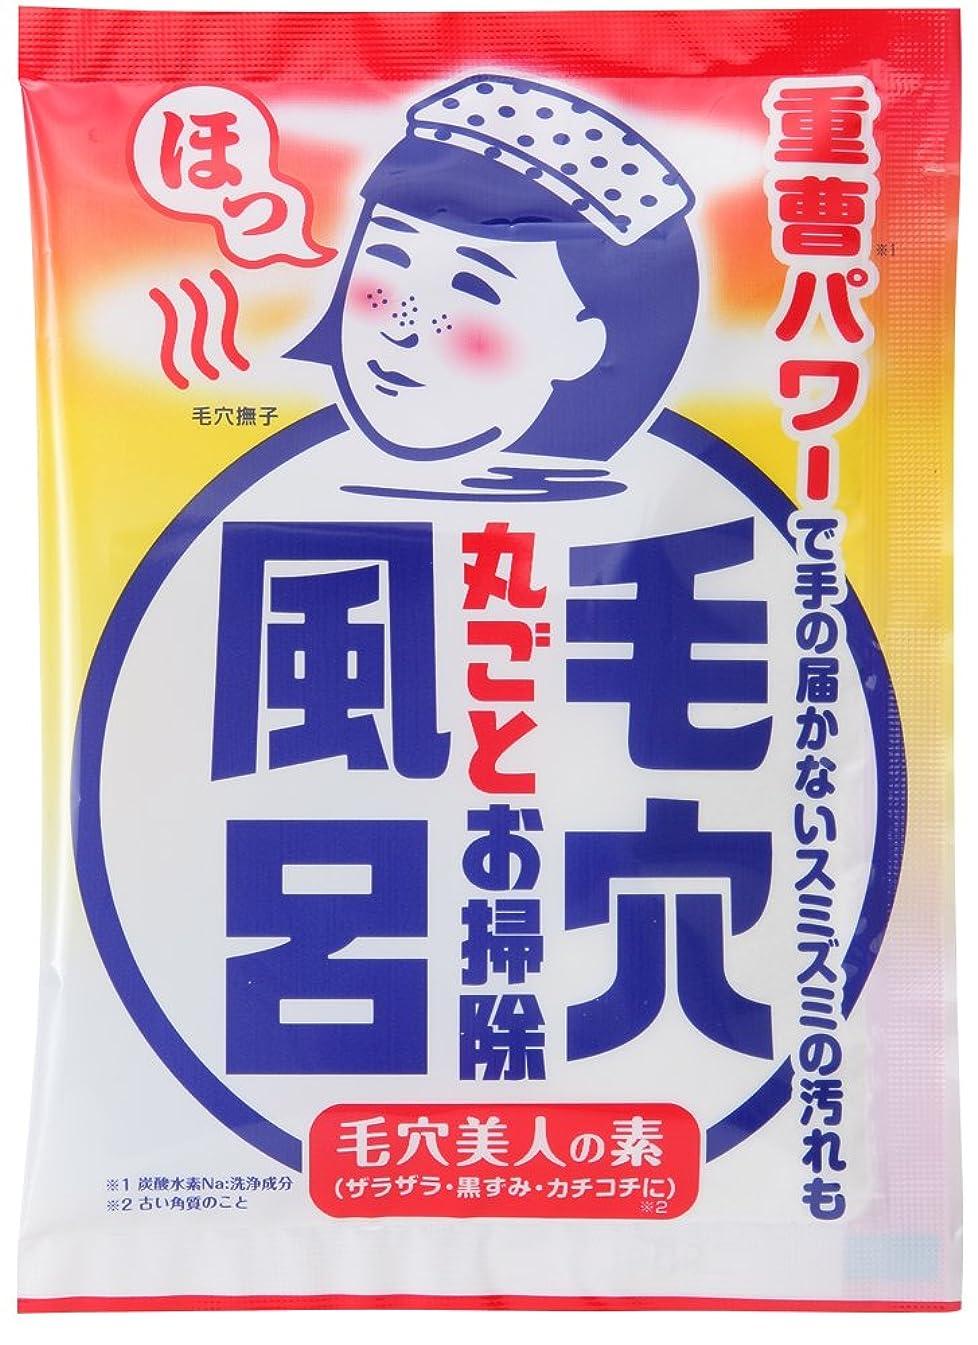 有望バター冷ややかな毛穴撫子 重曹つるつる風呂 30g